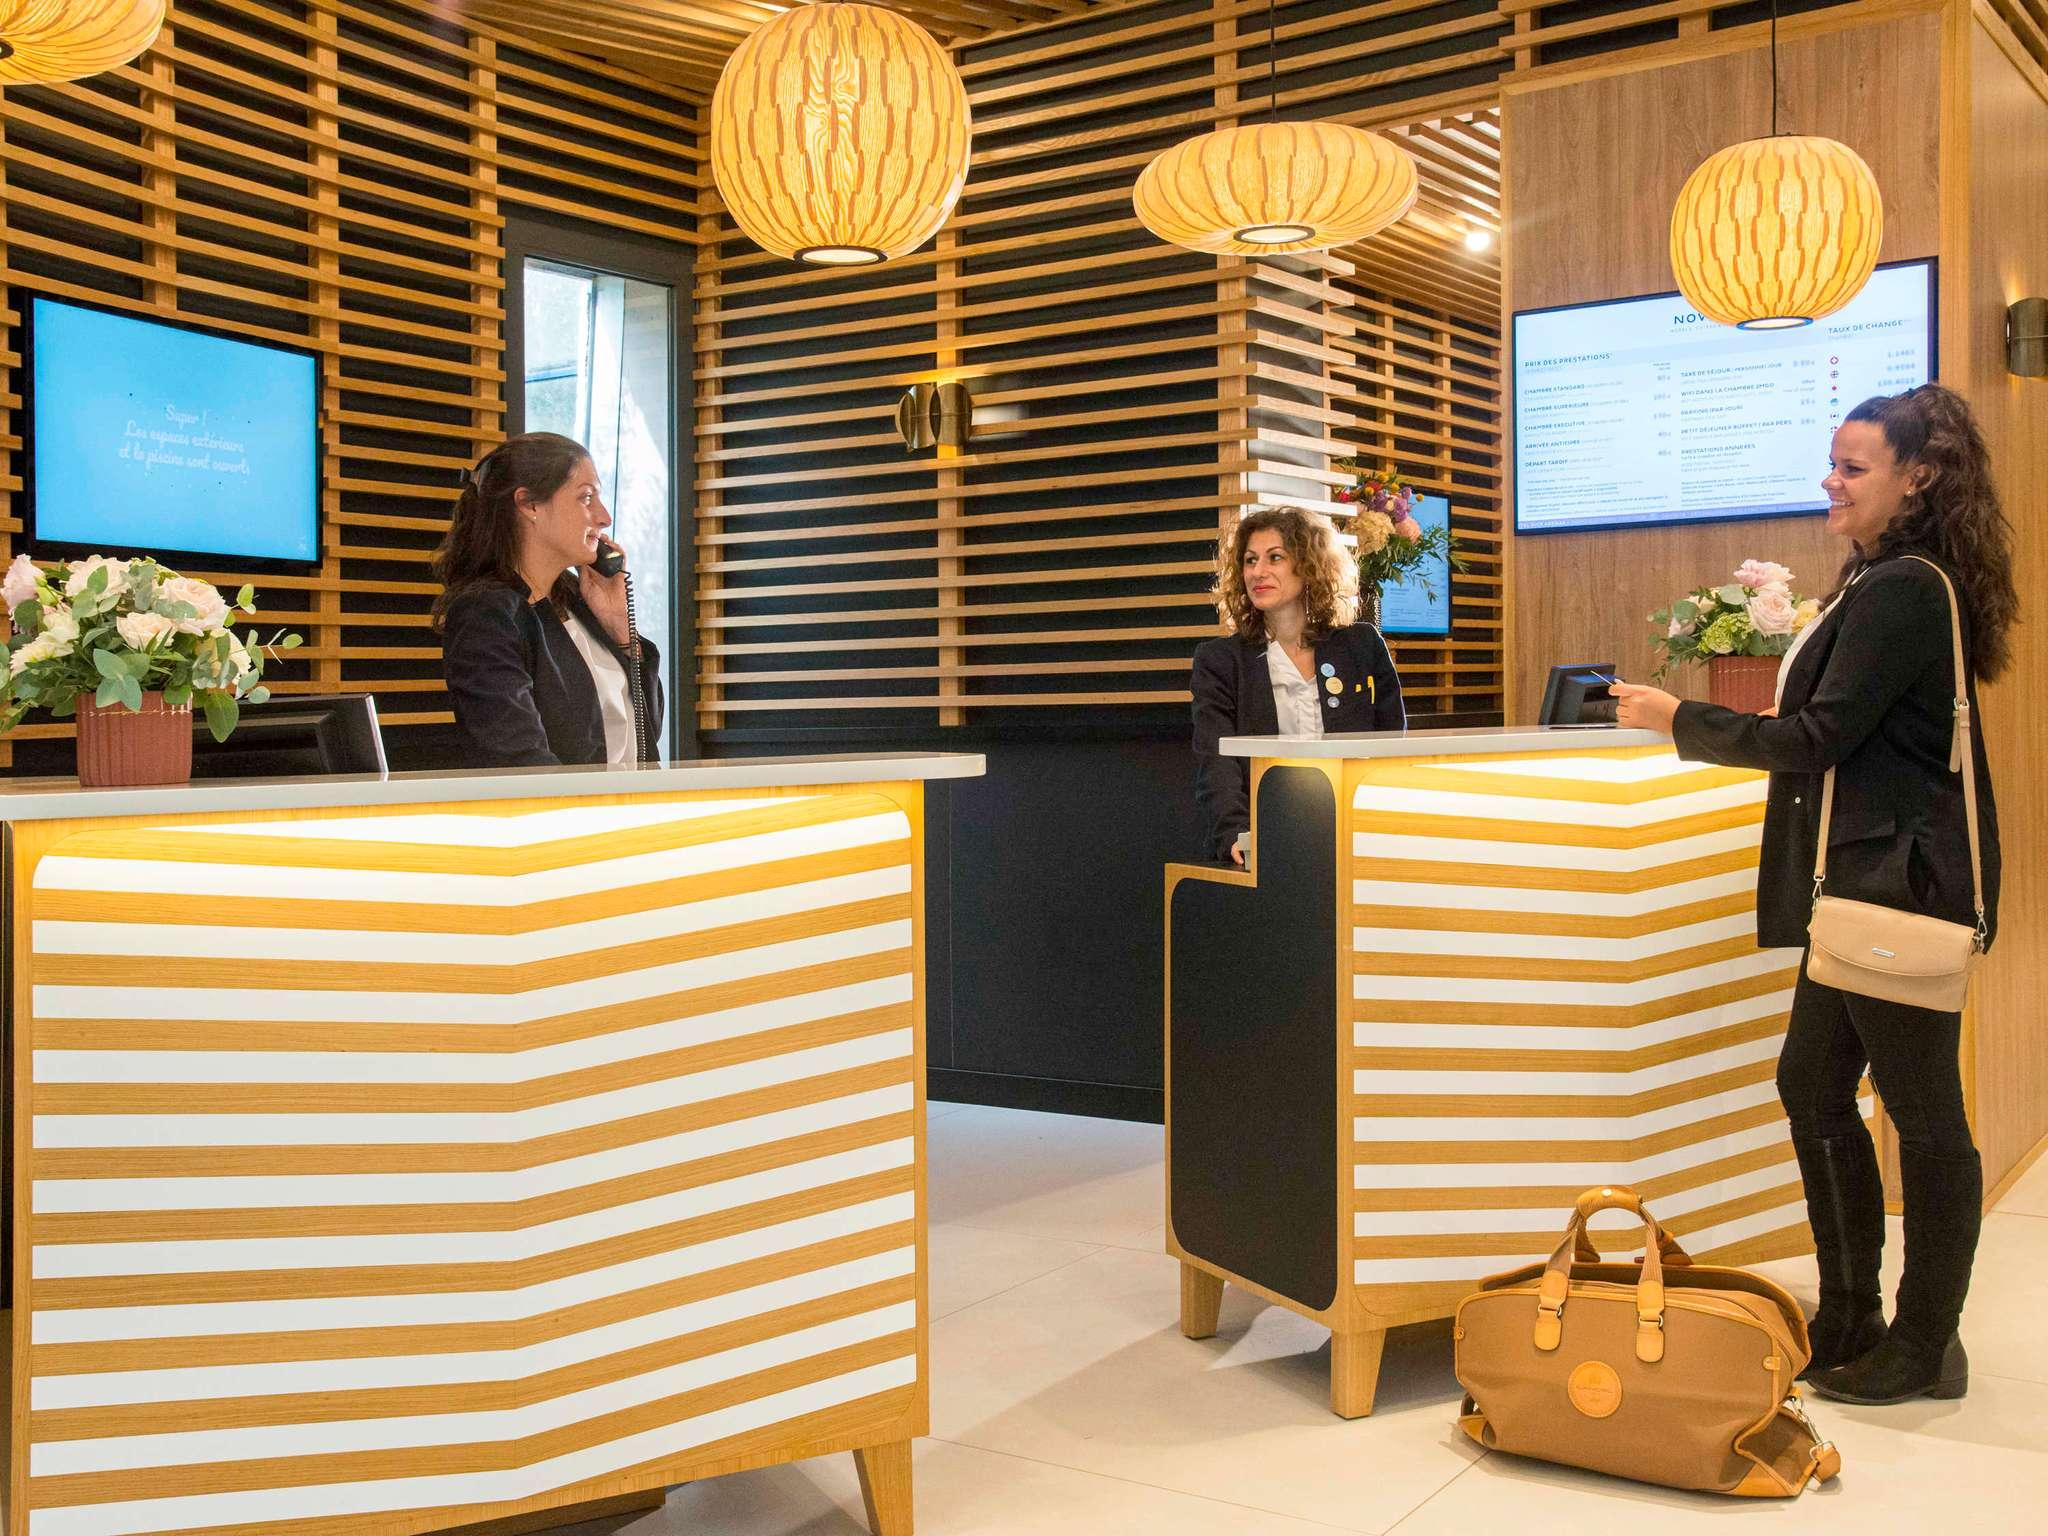 Hotel – Novotel Nice Arenas Aeroport